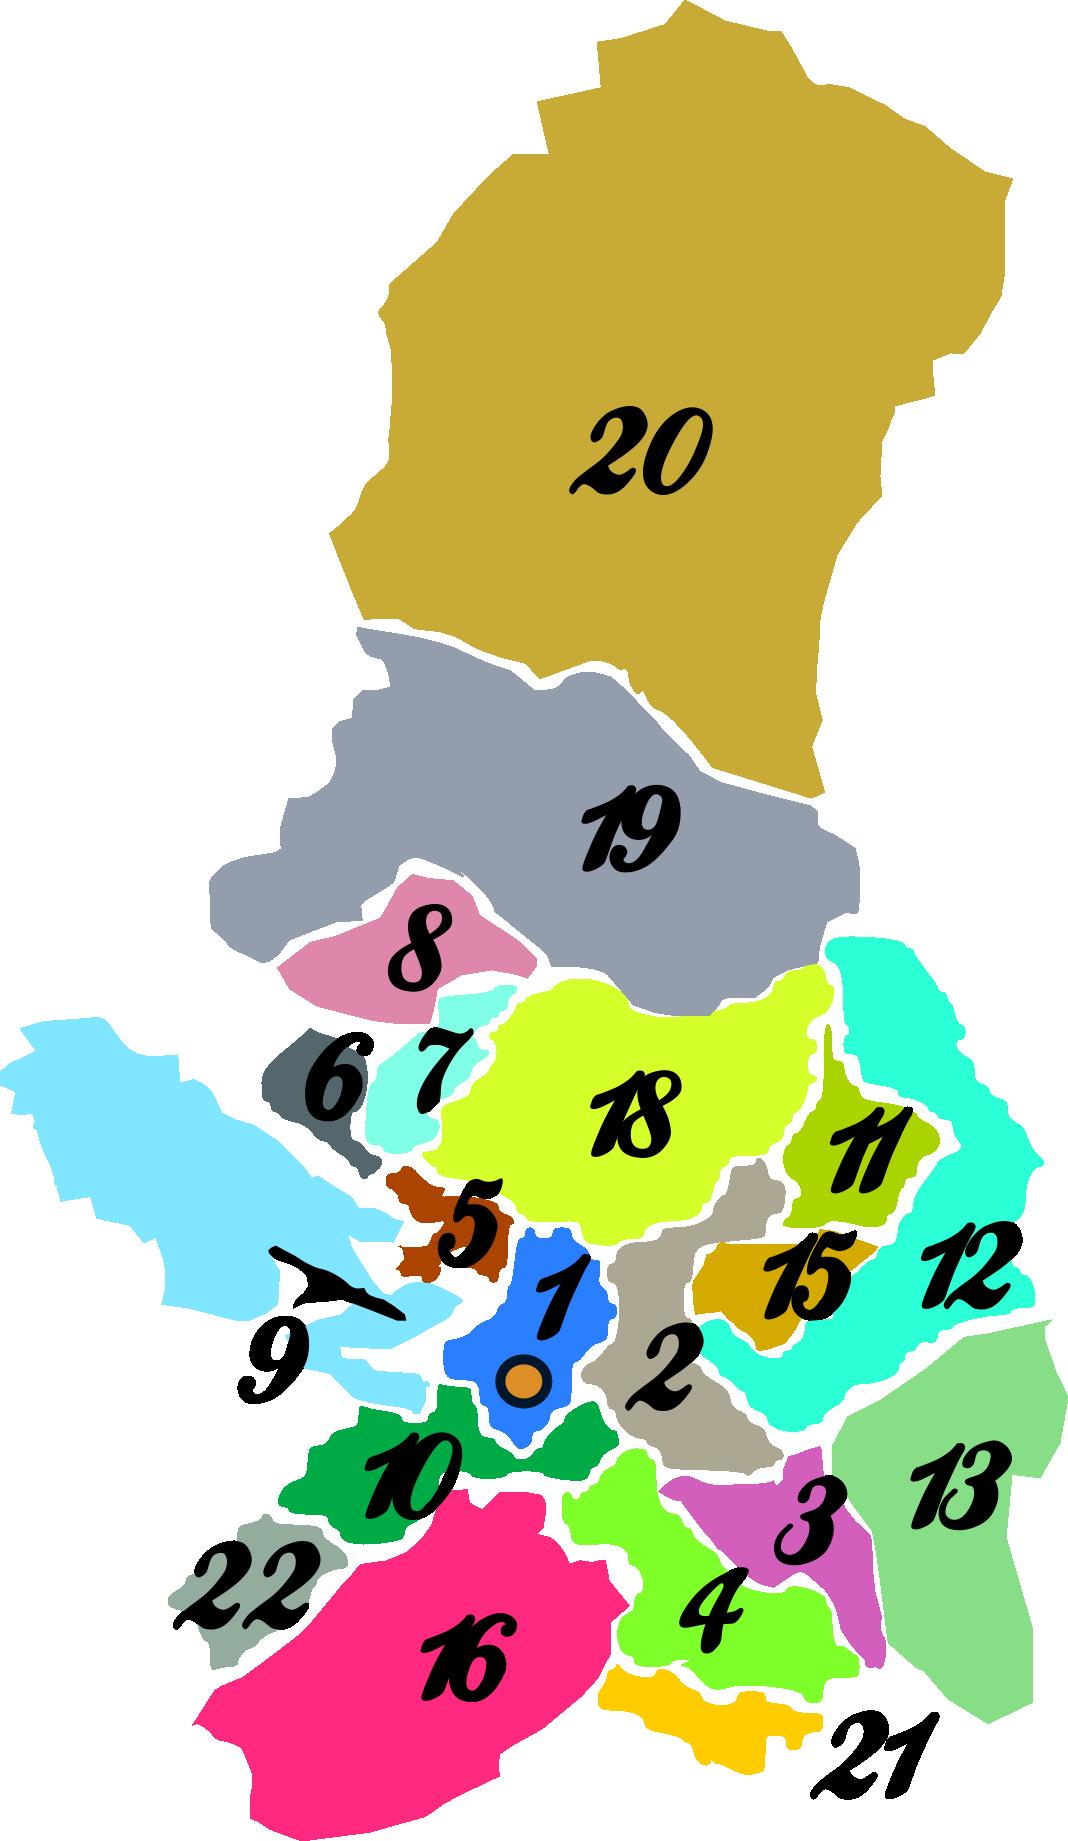 Anexo:Provincias del Departamento de La Paz por superficie.